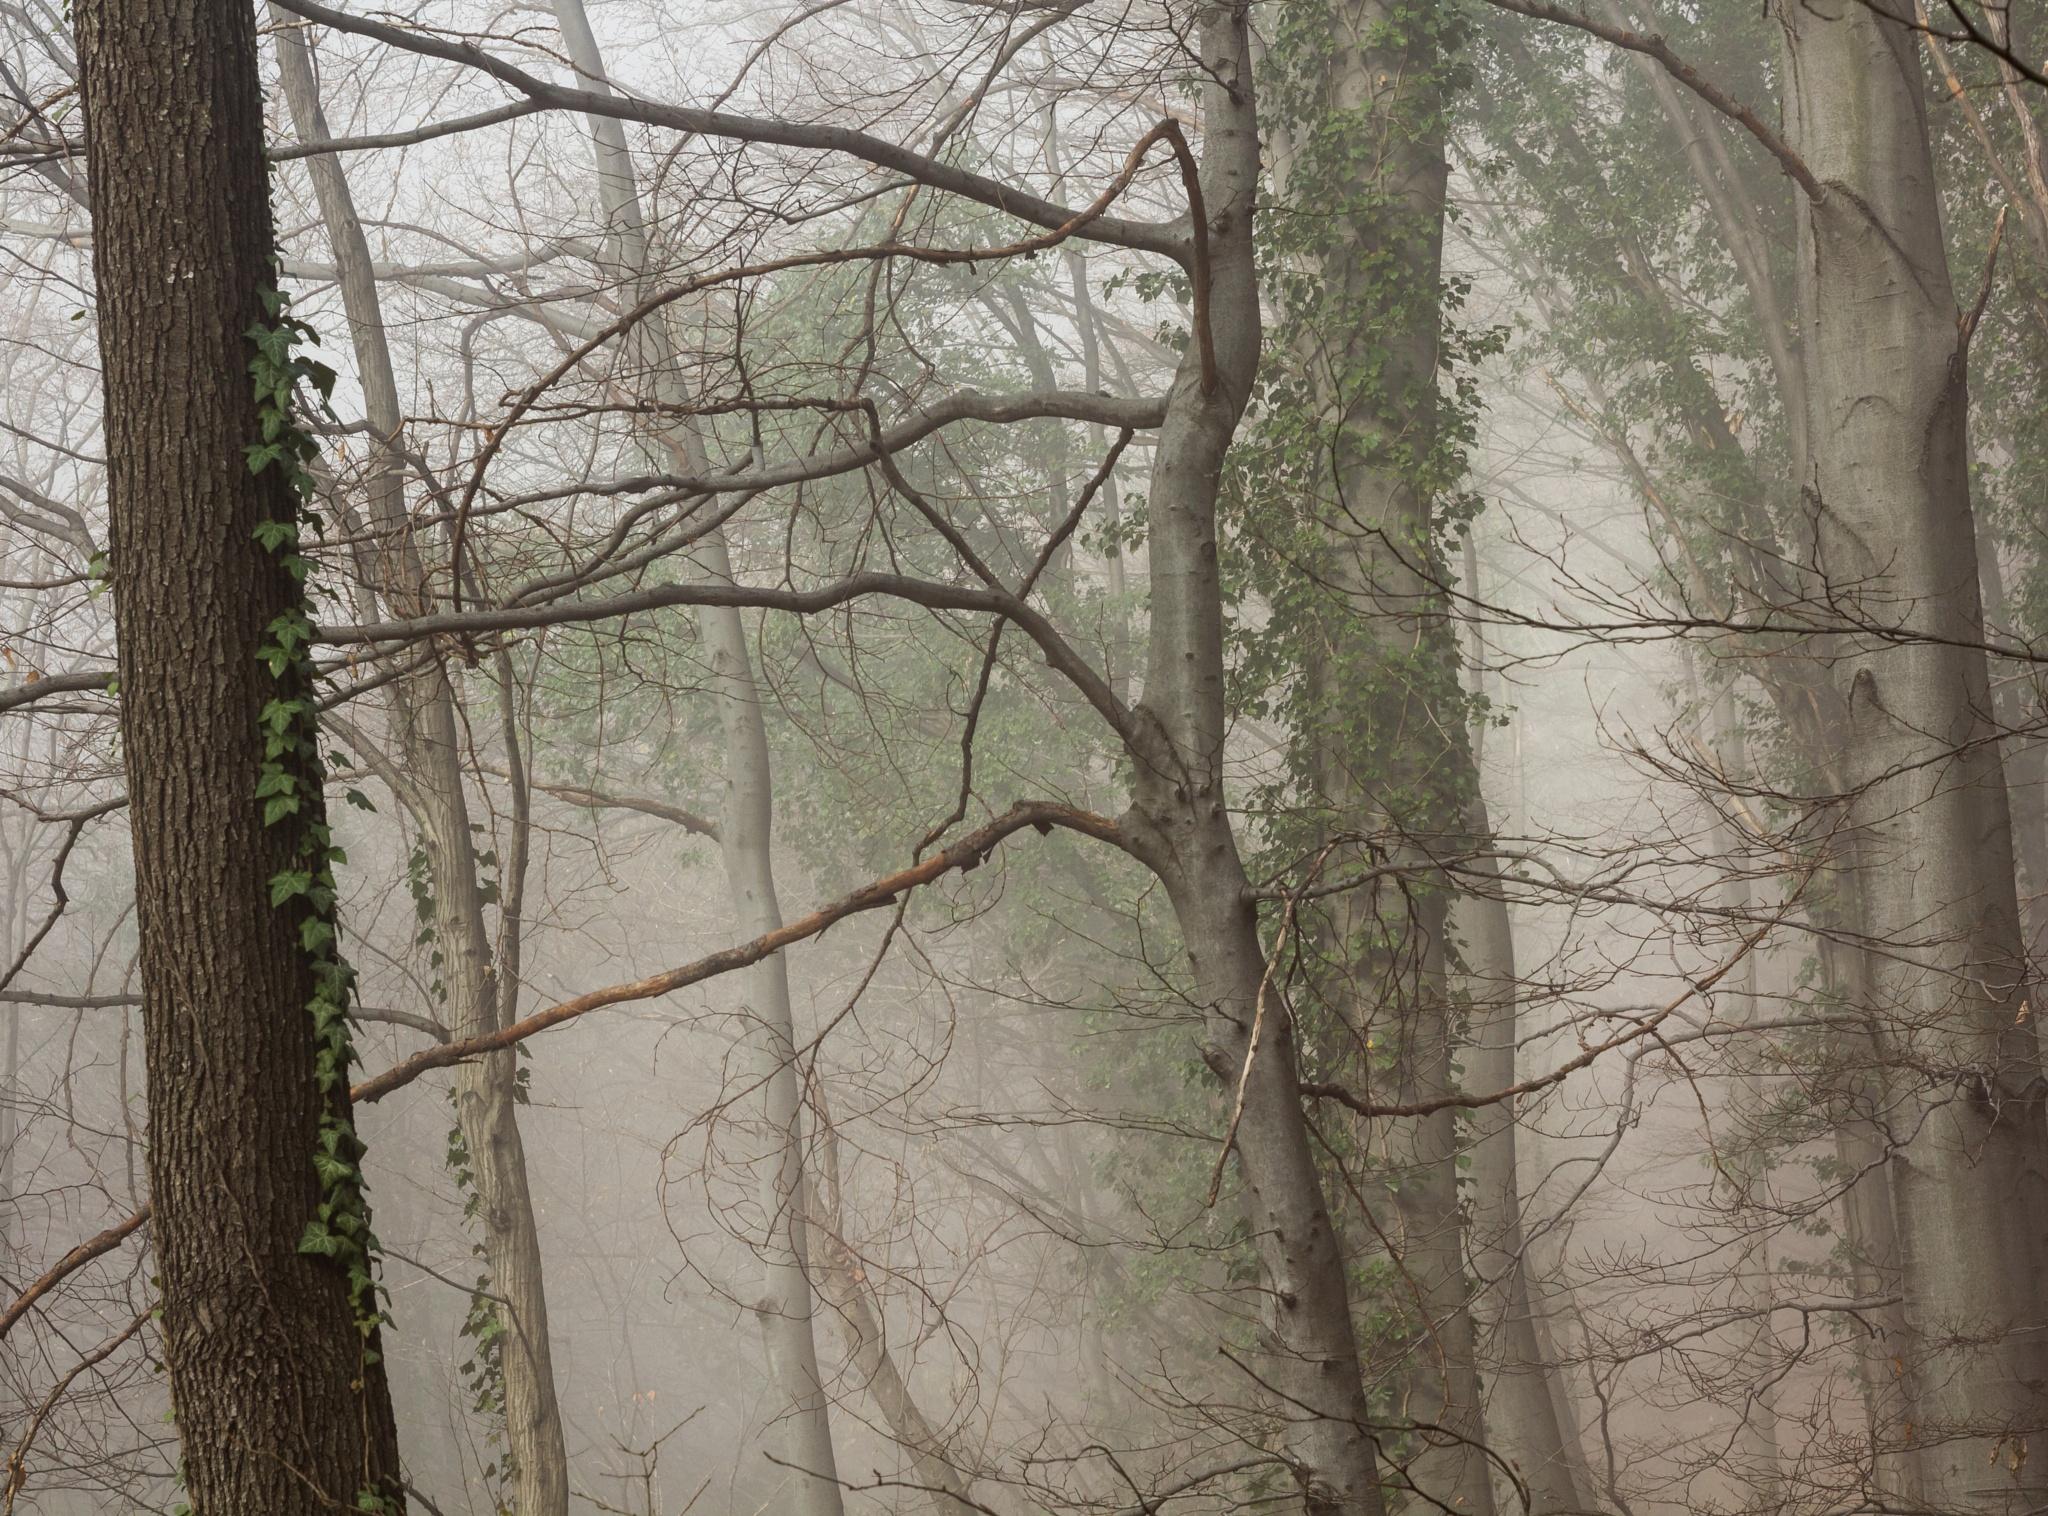 Woods by Zoran Radakovic